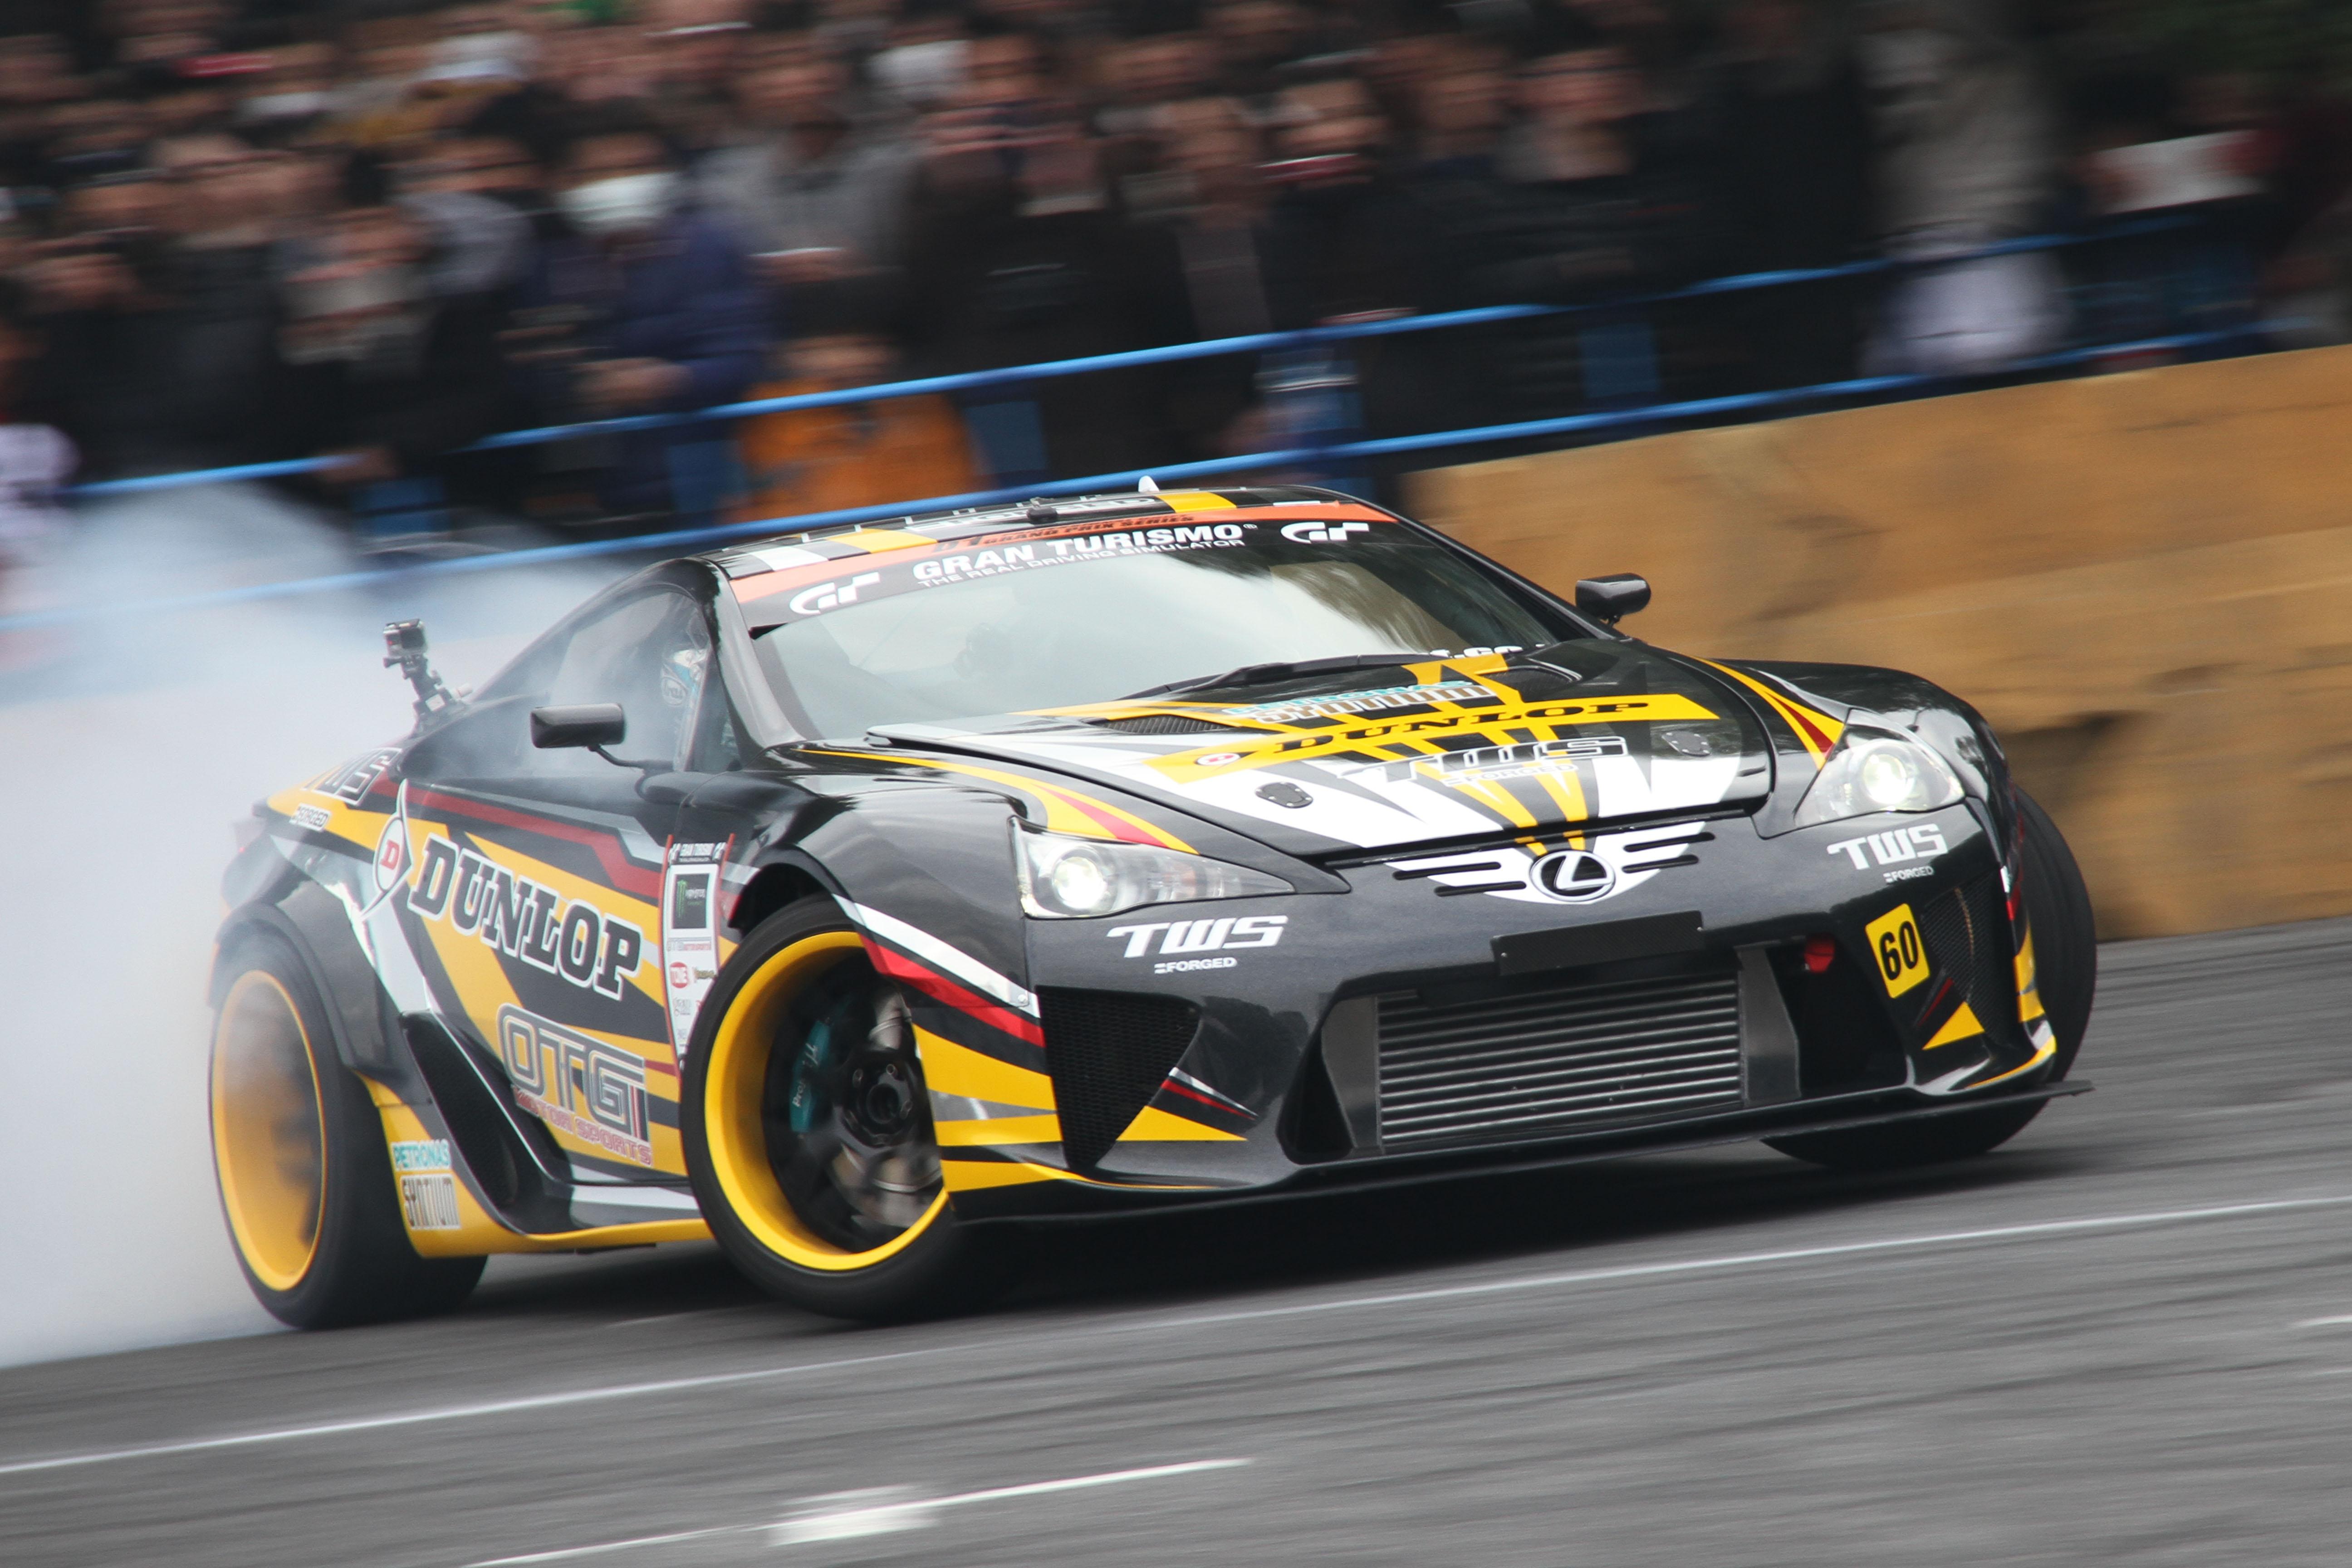 「【東京オートサロン2016】GT-RにレクサスLFA!ドリフトもスーパーカーが主役か?」の2枚目の画像